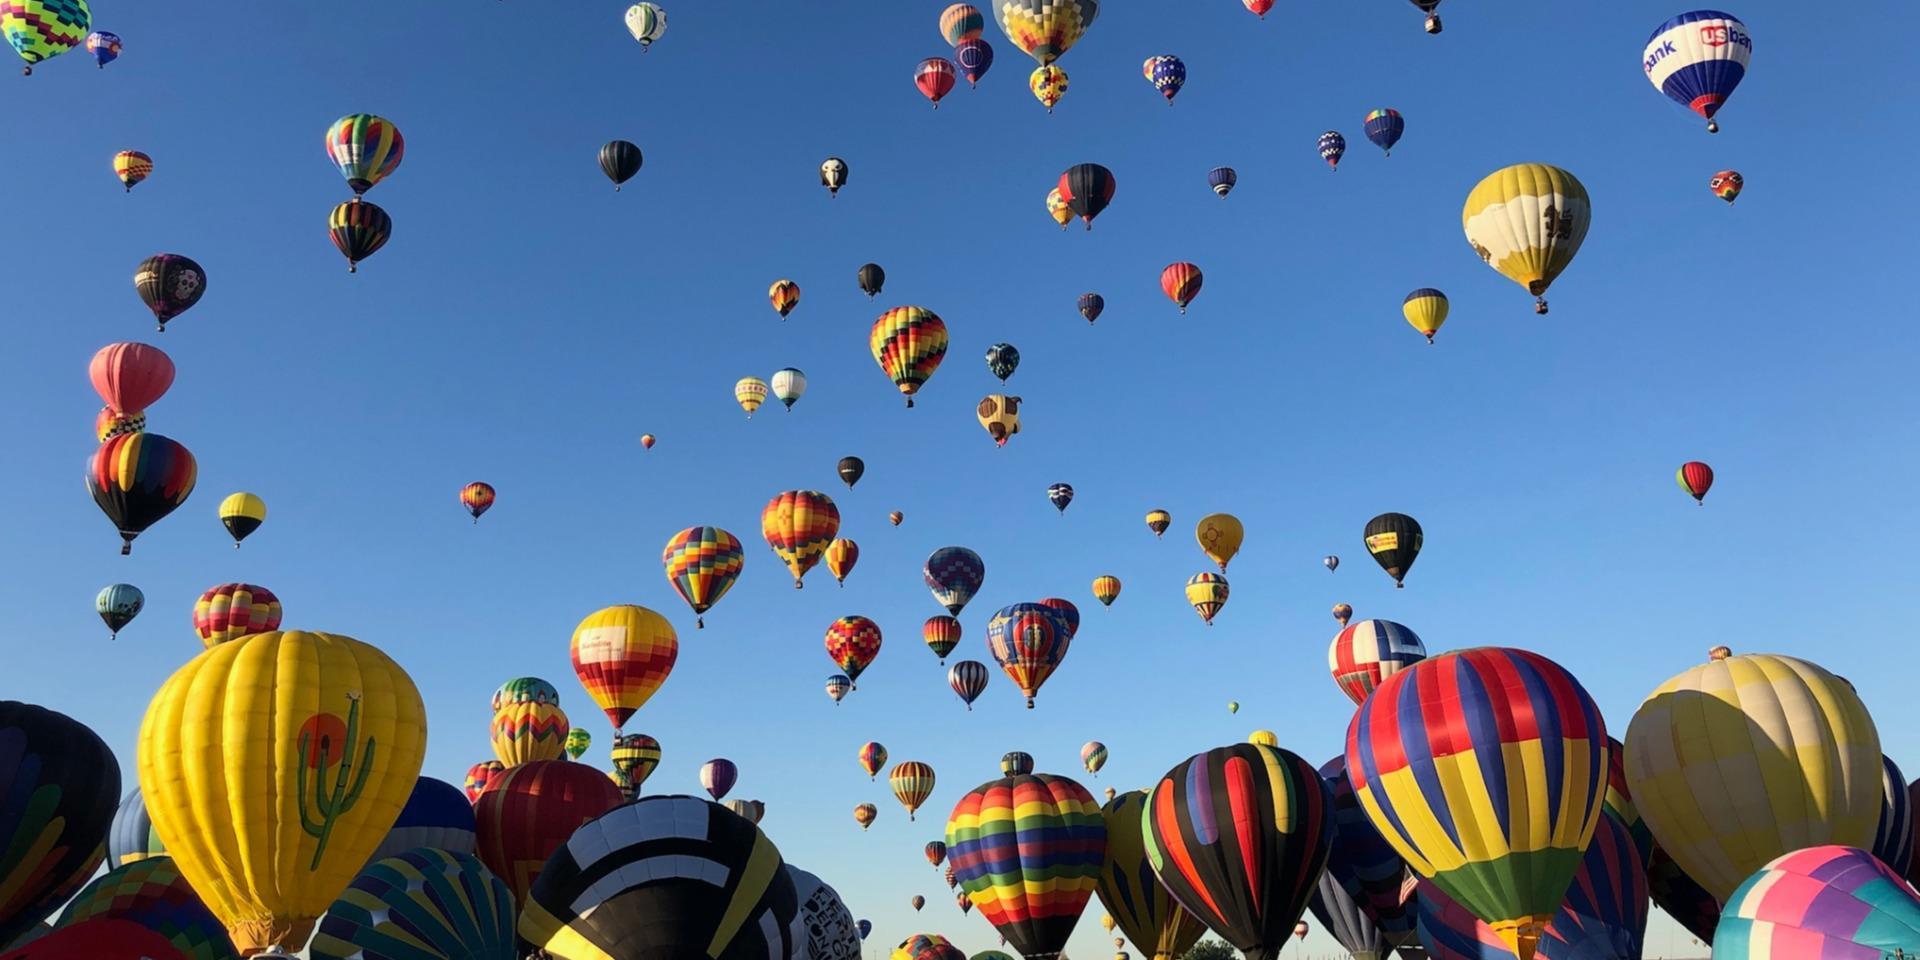 Albuquerque ballon festival zoom background